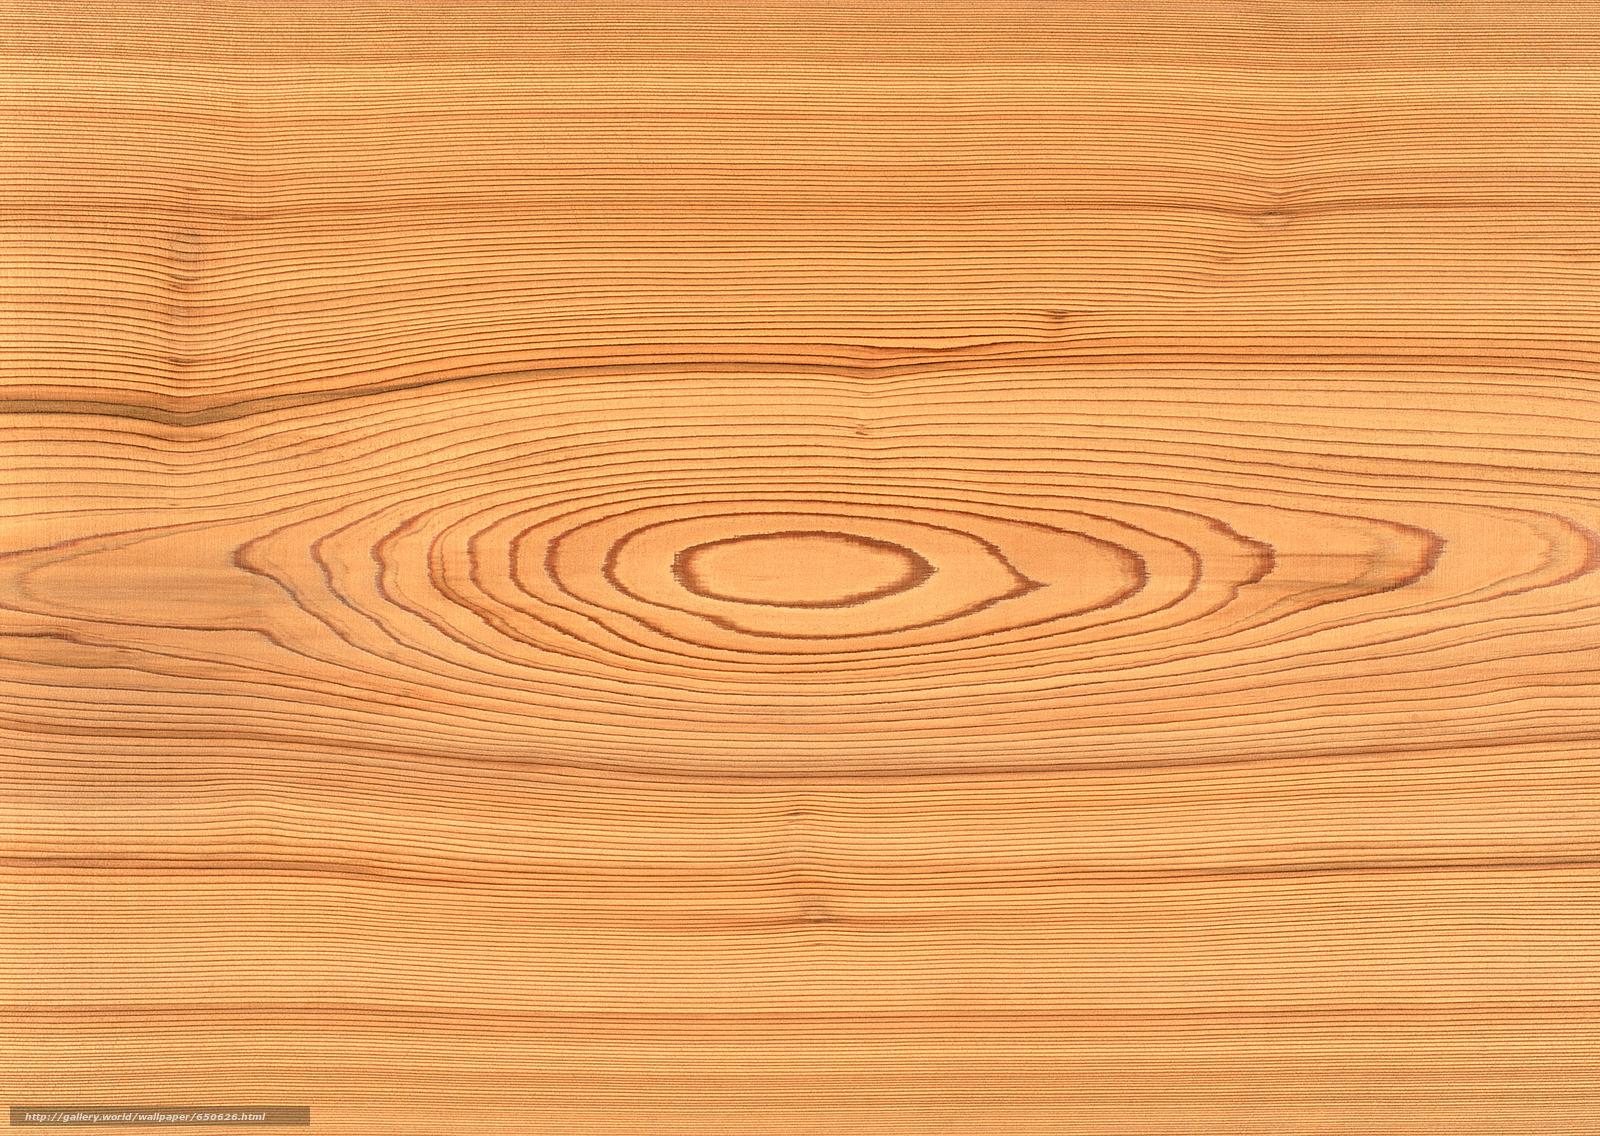 Скачать обои текстура,  текстуры,  дерево,  фон бесплатно для рабочего стола в разрешении 2950x2094 — картинка №650626